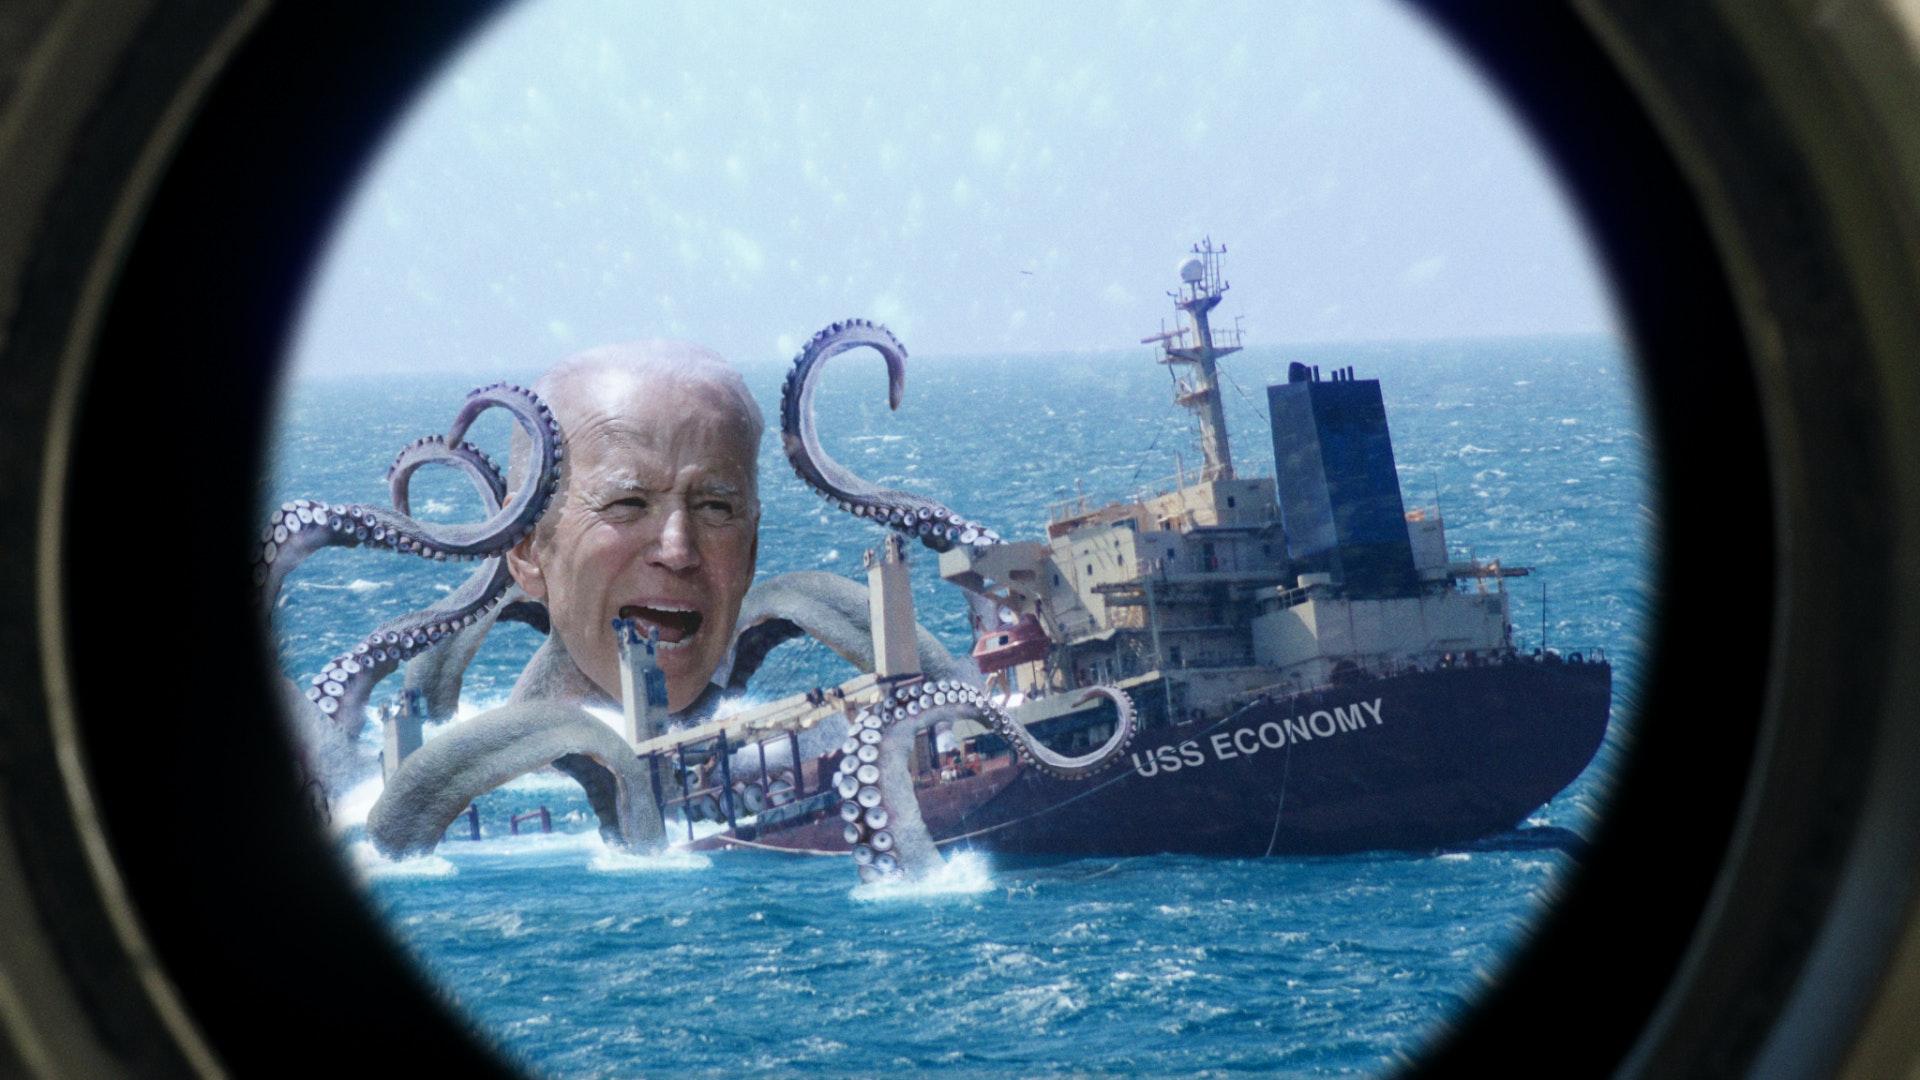 Ep. 1253 - Biden Is Already Wrecking The Economy